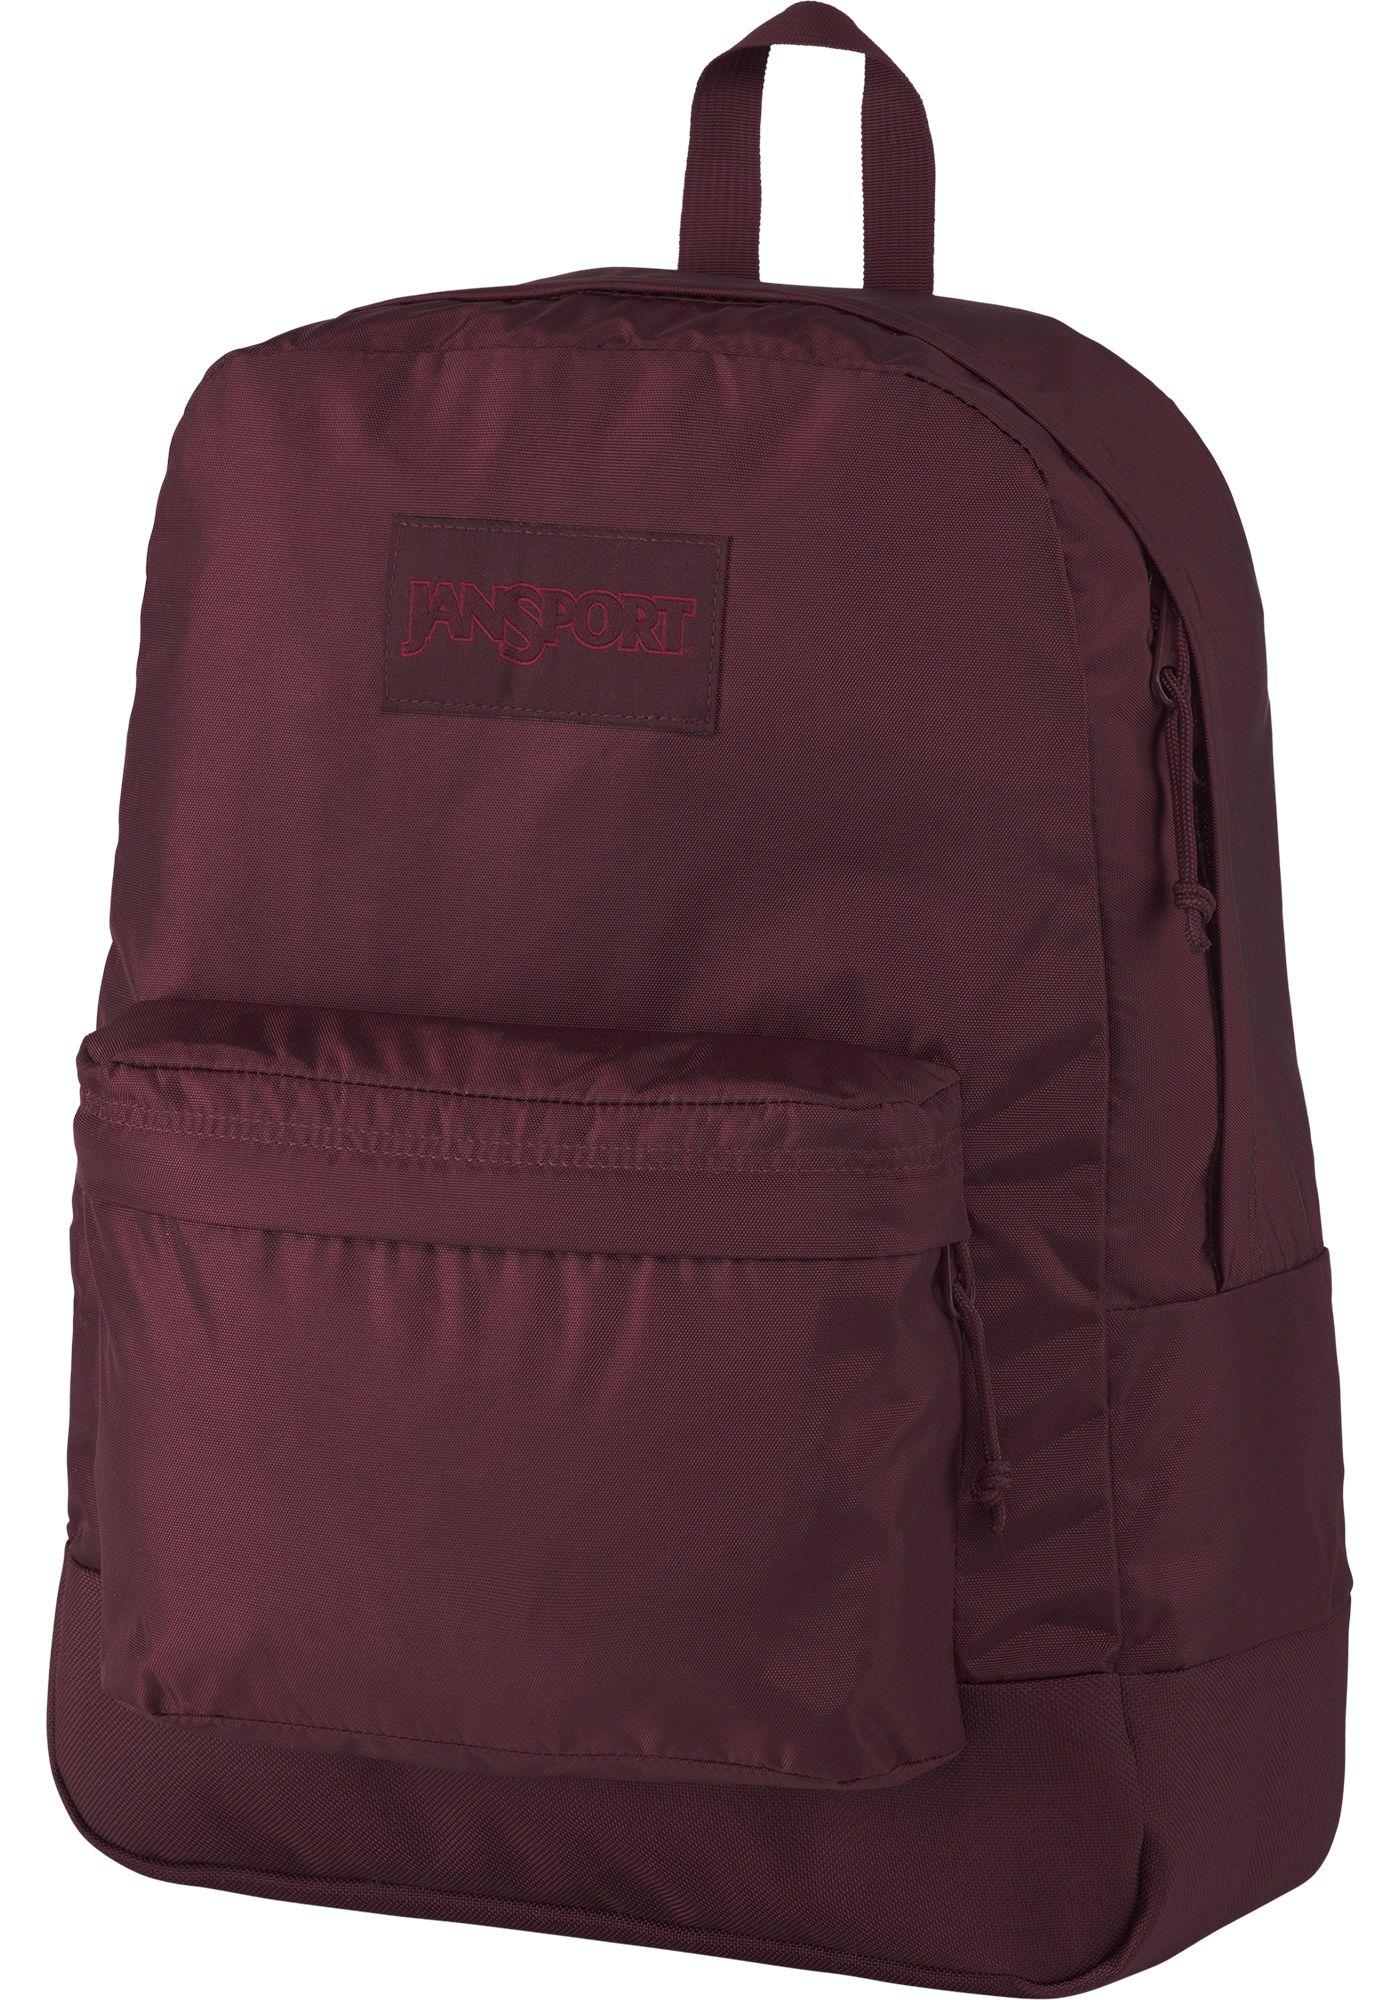 JanSport Mono Superbreak Backpack